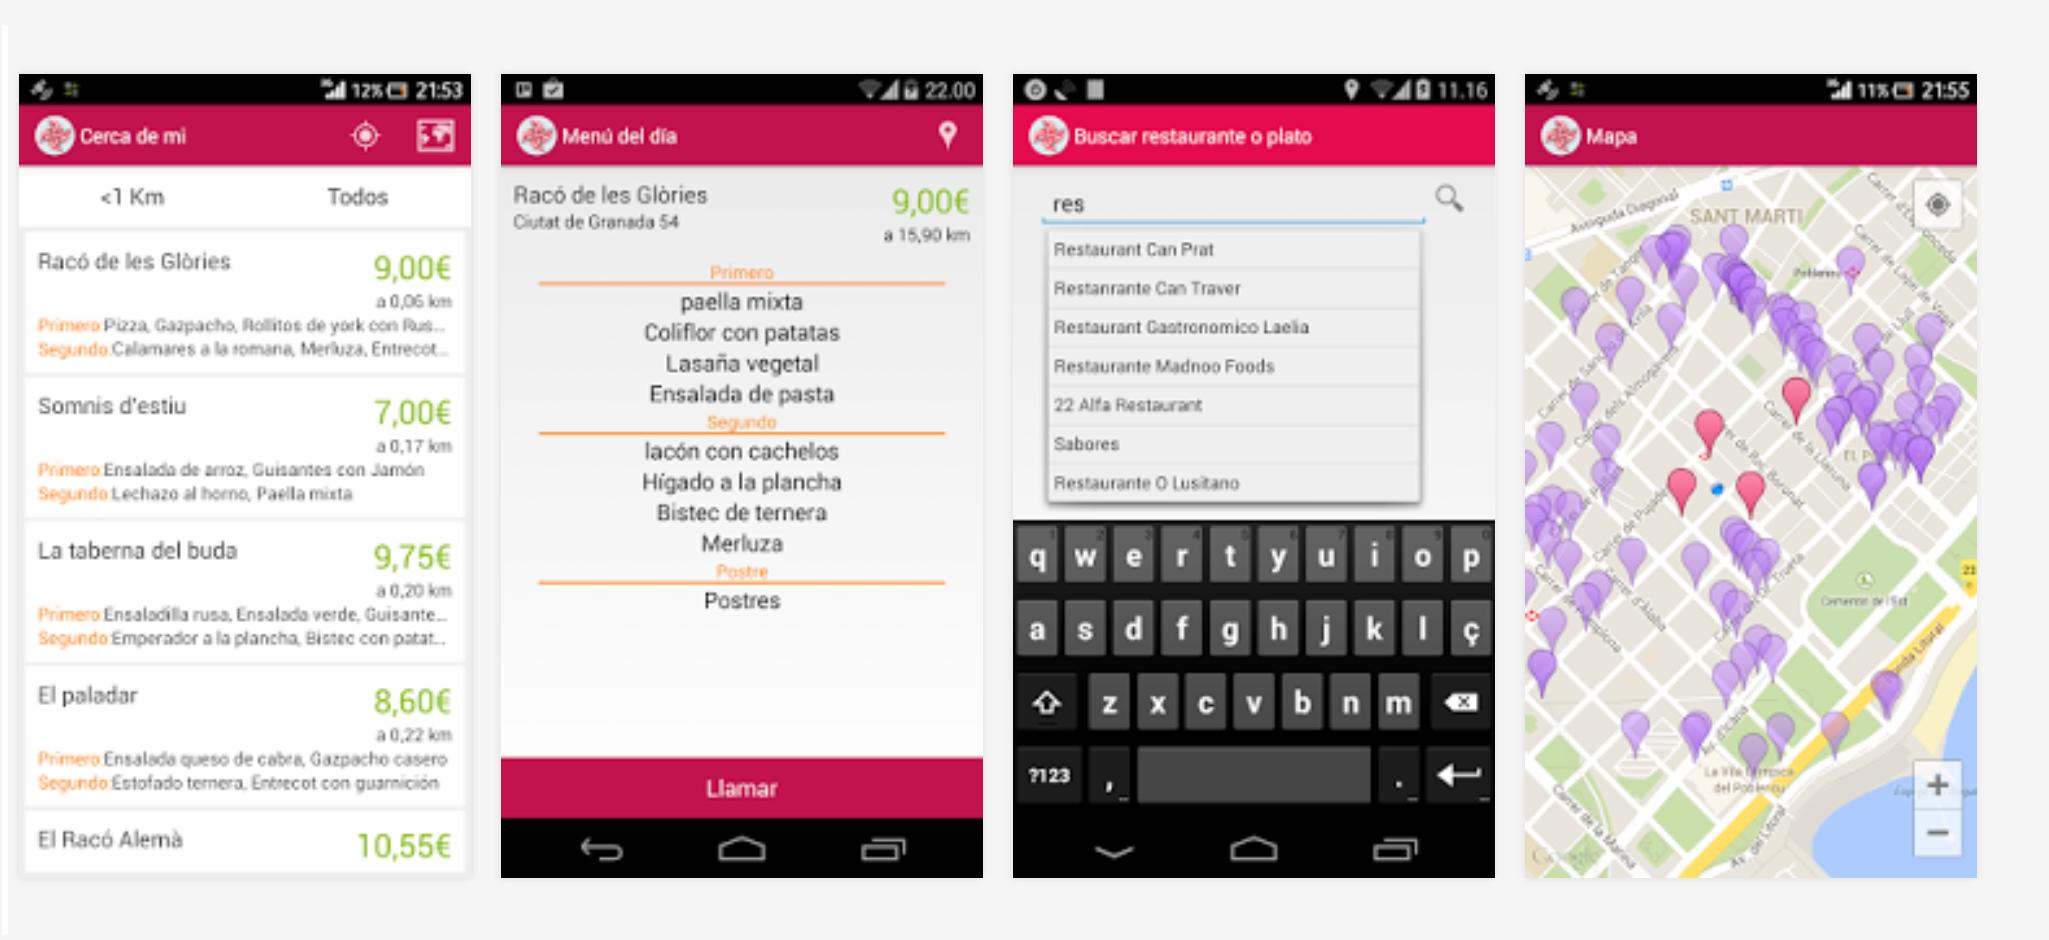 menusaldia-app